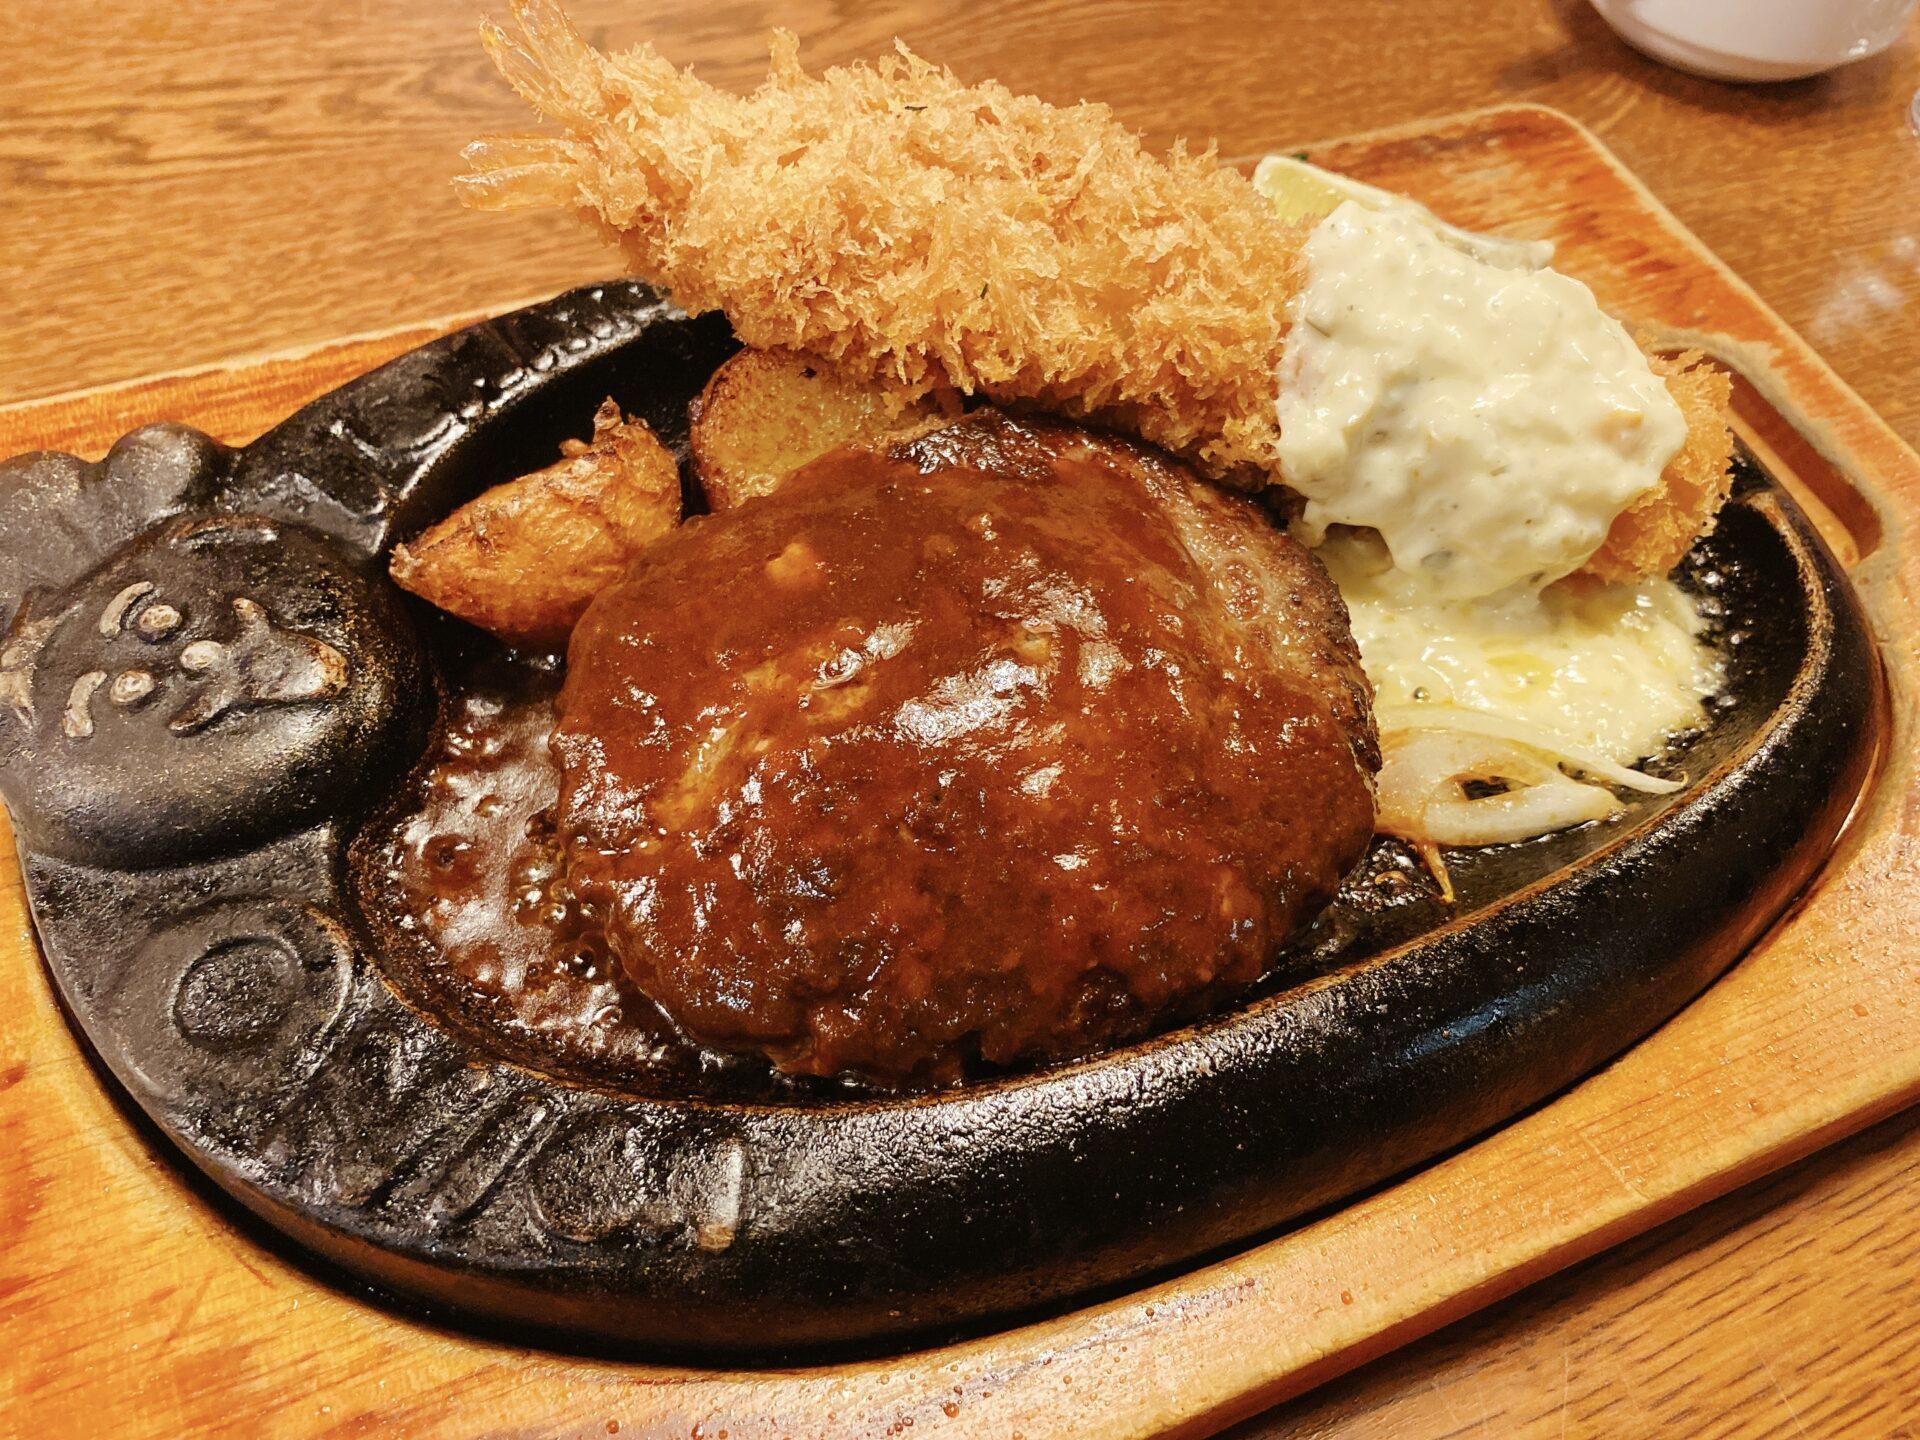 トマト&オニオン 岡山城東店 数量限定!至高の神戸牛ハンバーグにて夕食タイム!溢れる肉汁が口の中に広がる・・・・